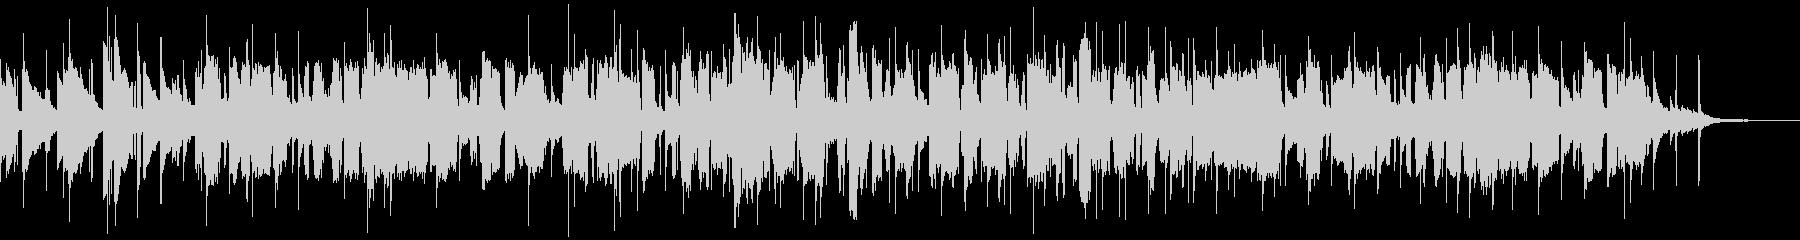 イングリッシュホルンによる叙情的な曲の未再生の波形